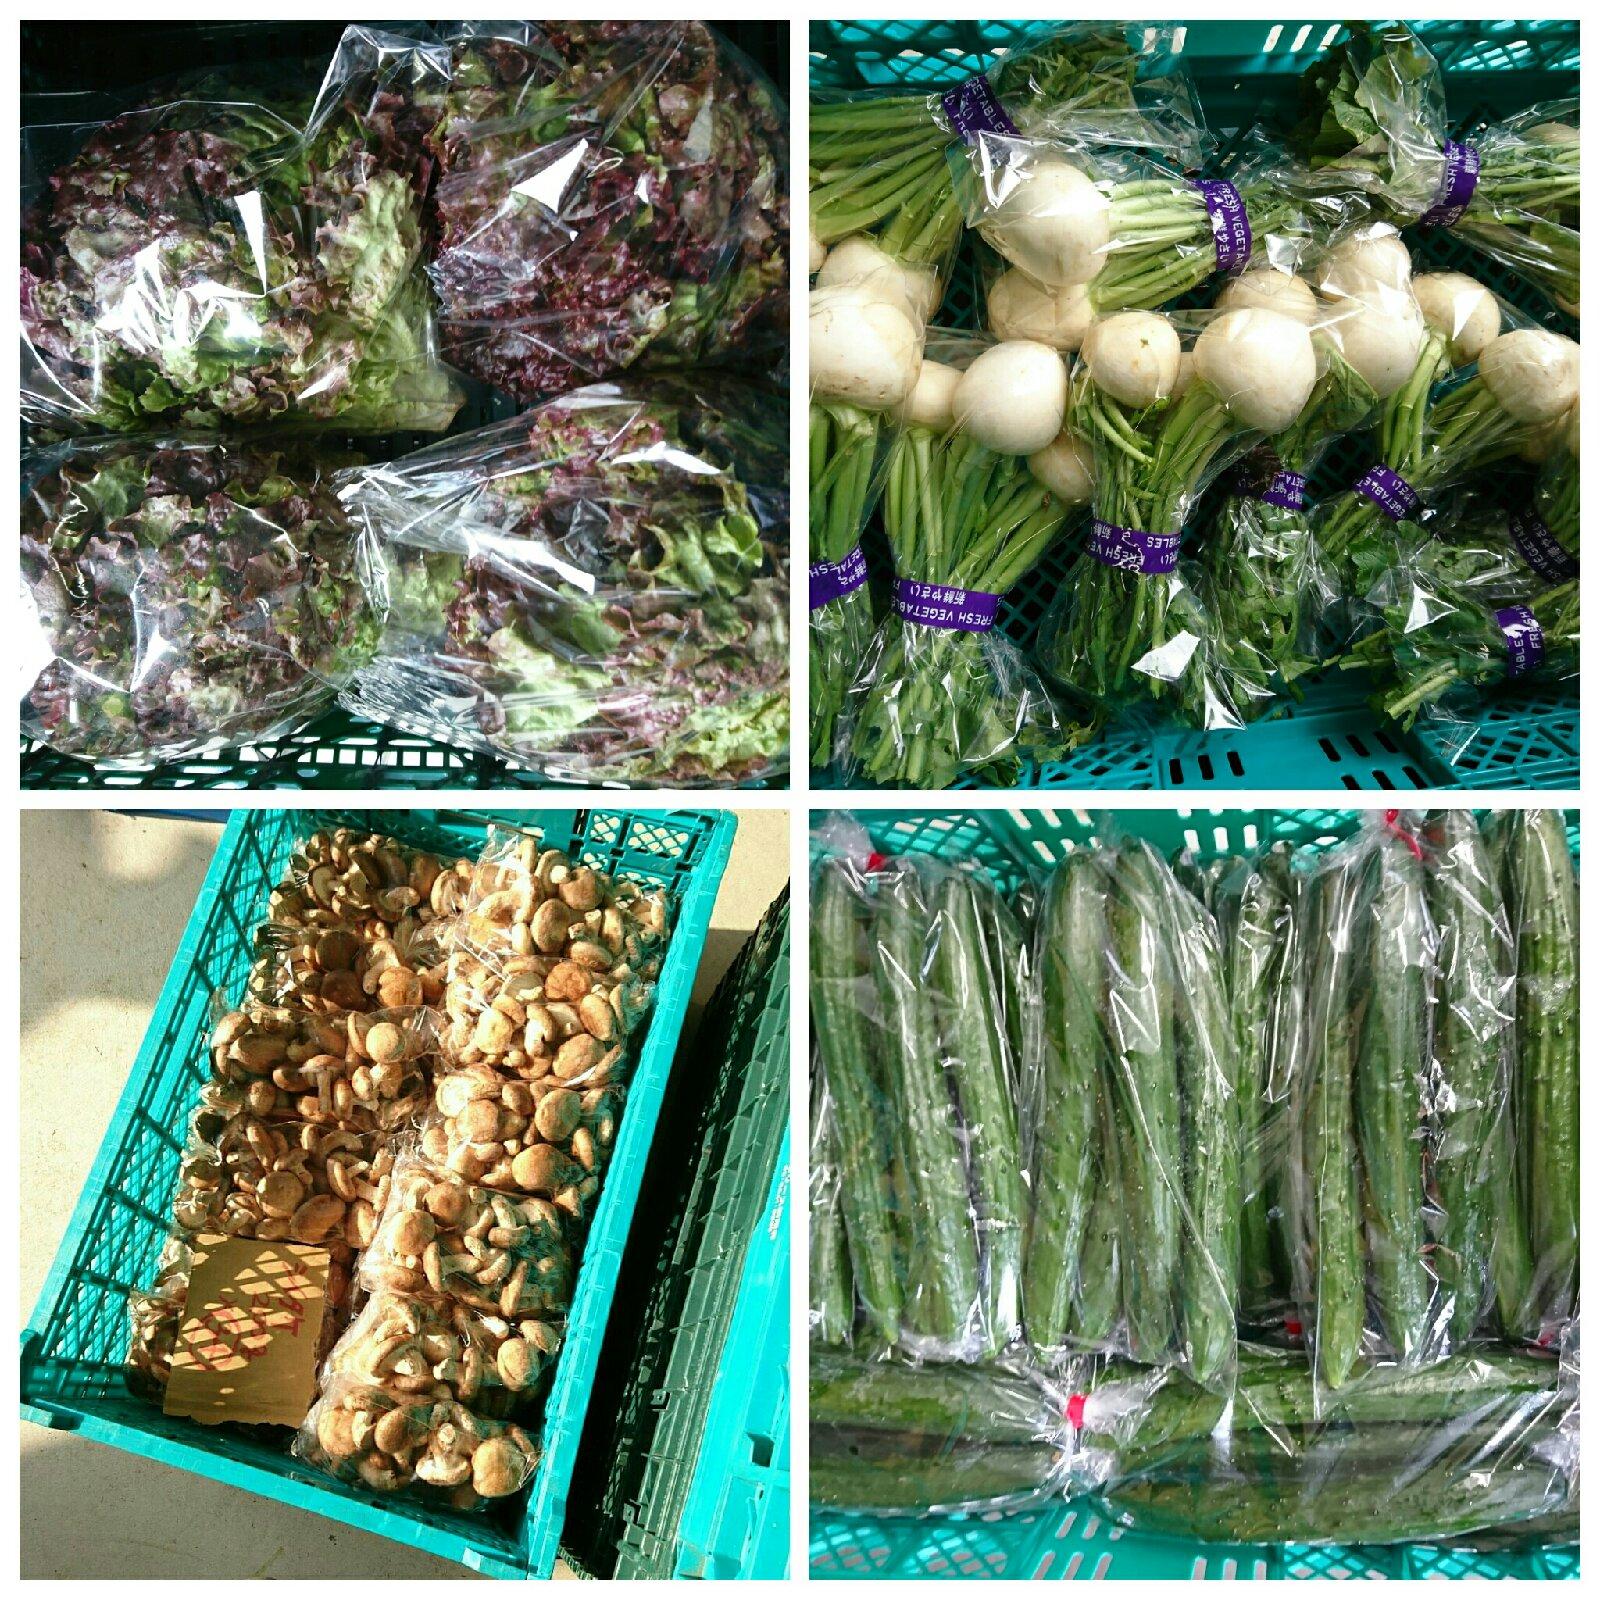 カブセット 野菜/セット・詰め合わせ通販